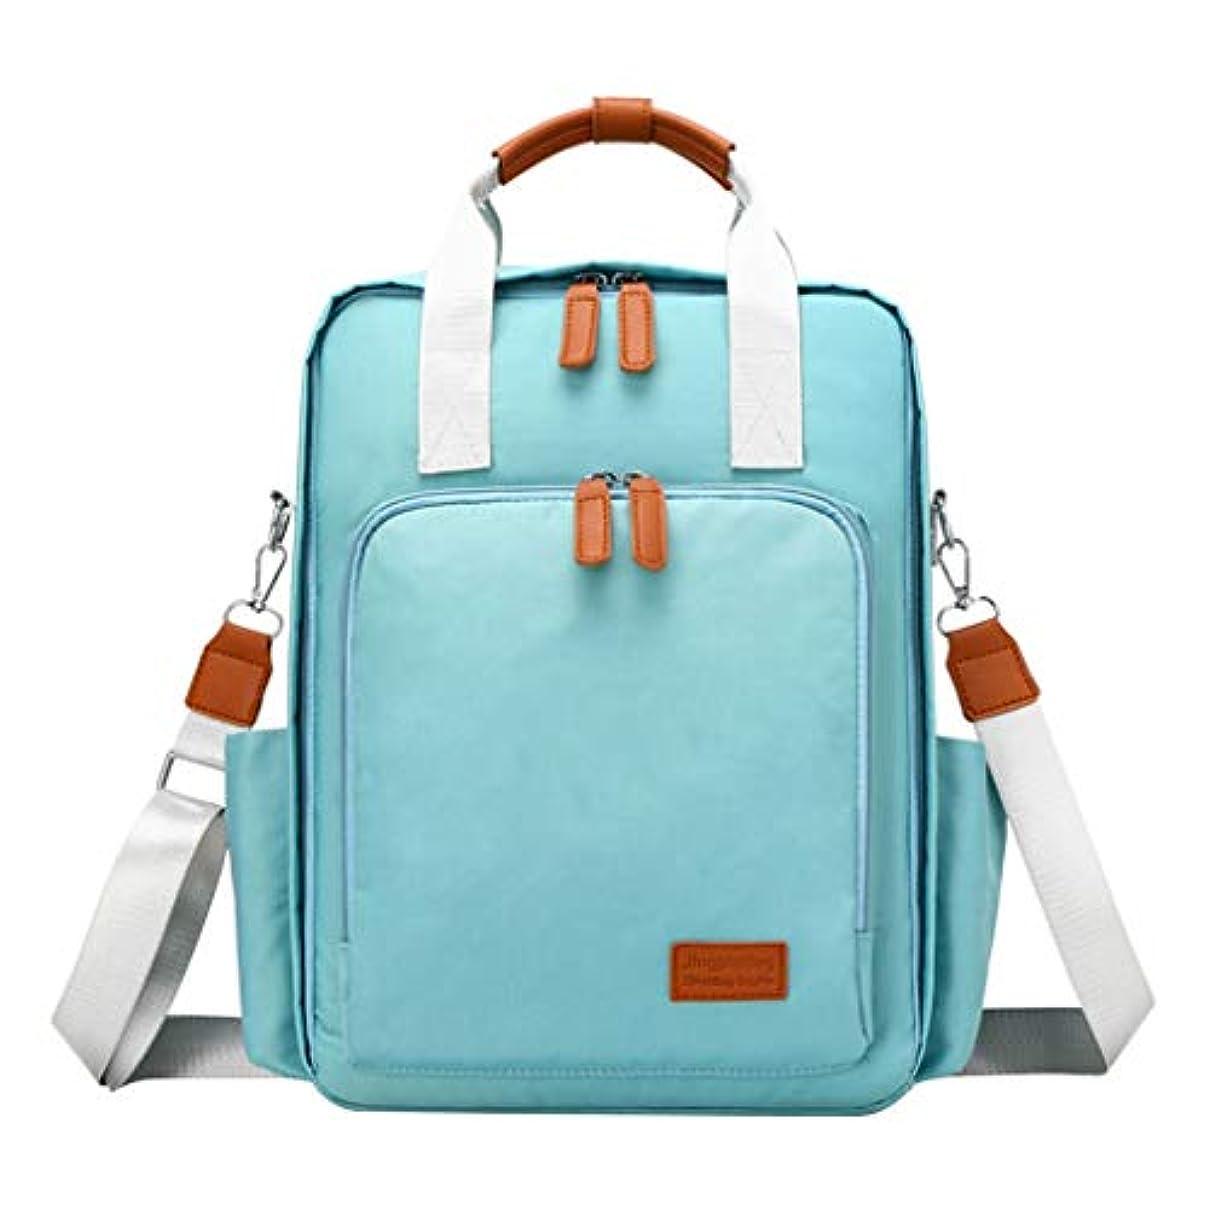 仮定試すストラップ軽量シンプルなバックパックレディース リュック防水 撥水耐衝撃 おしゃれ大学生 人気 高校生 通学通勤 学生用 旅行 リュック大容量 ラップトップ バックパックレザーバッグ